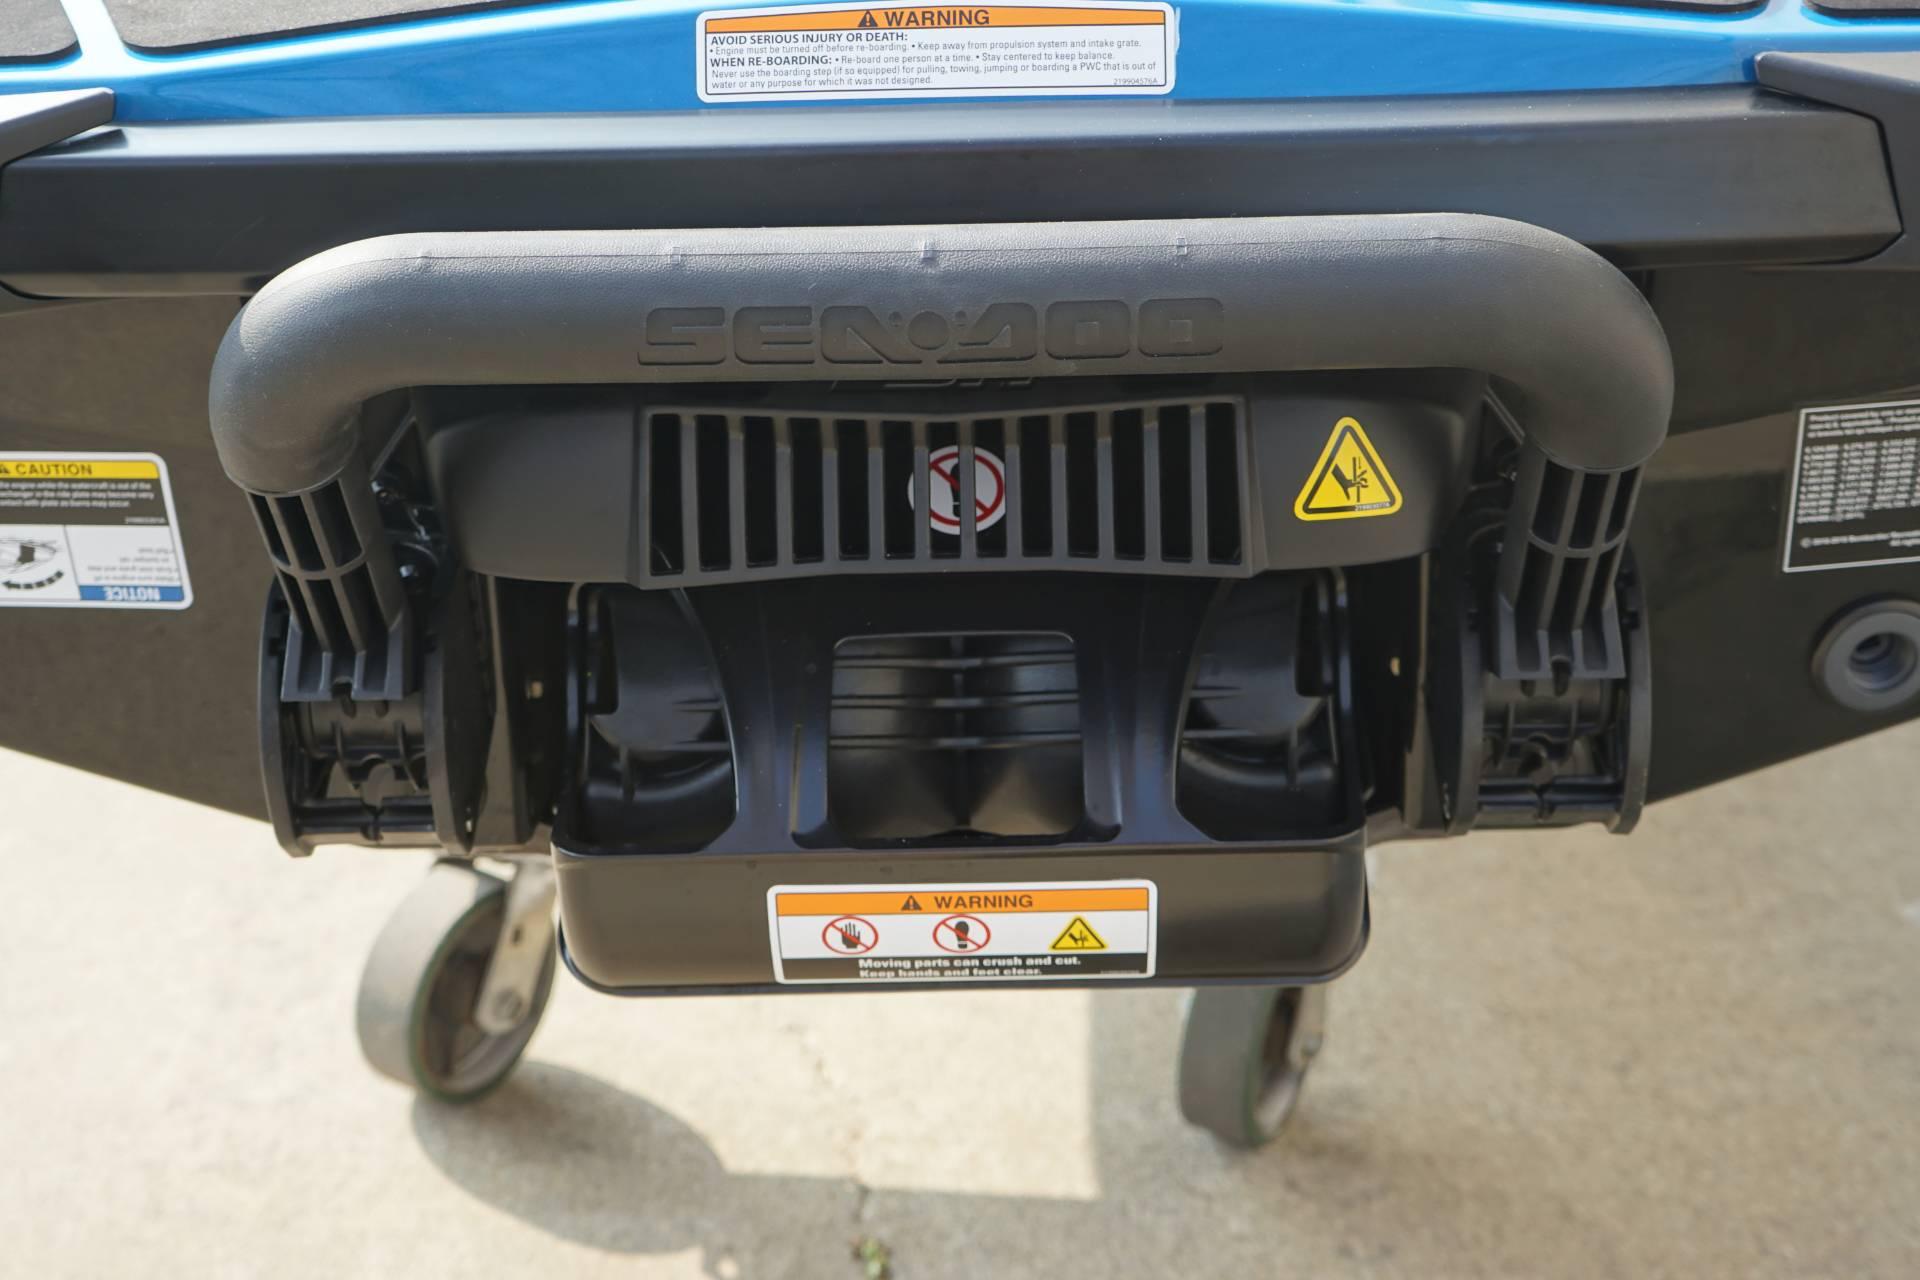 2018 Sea-Doo GTI SE 130 11